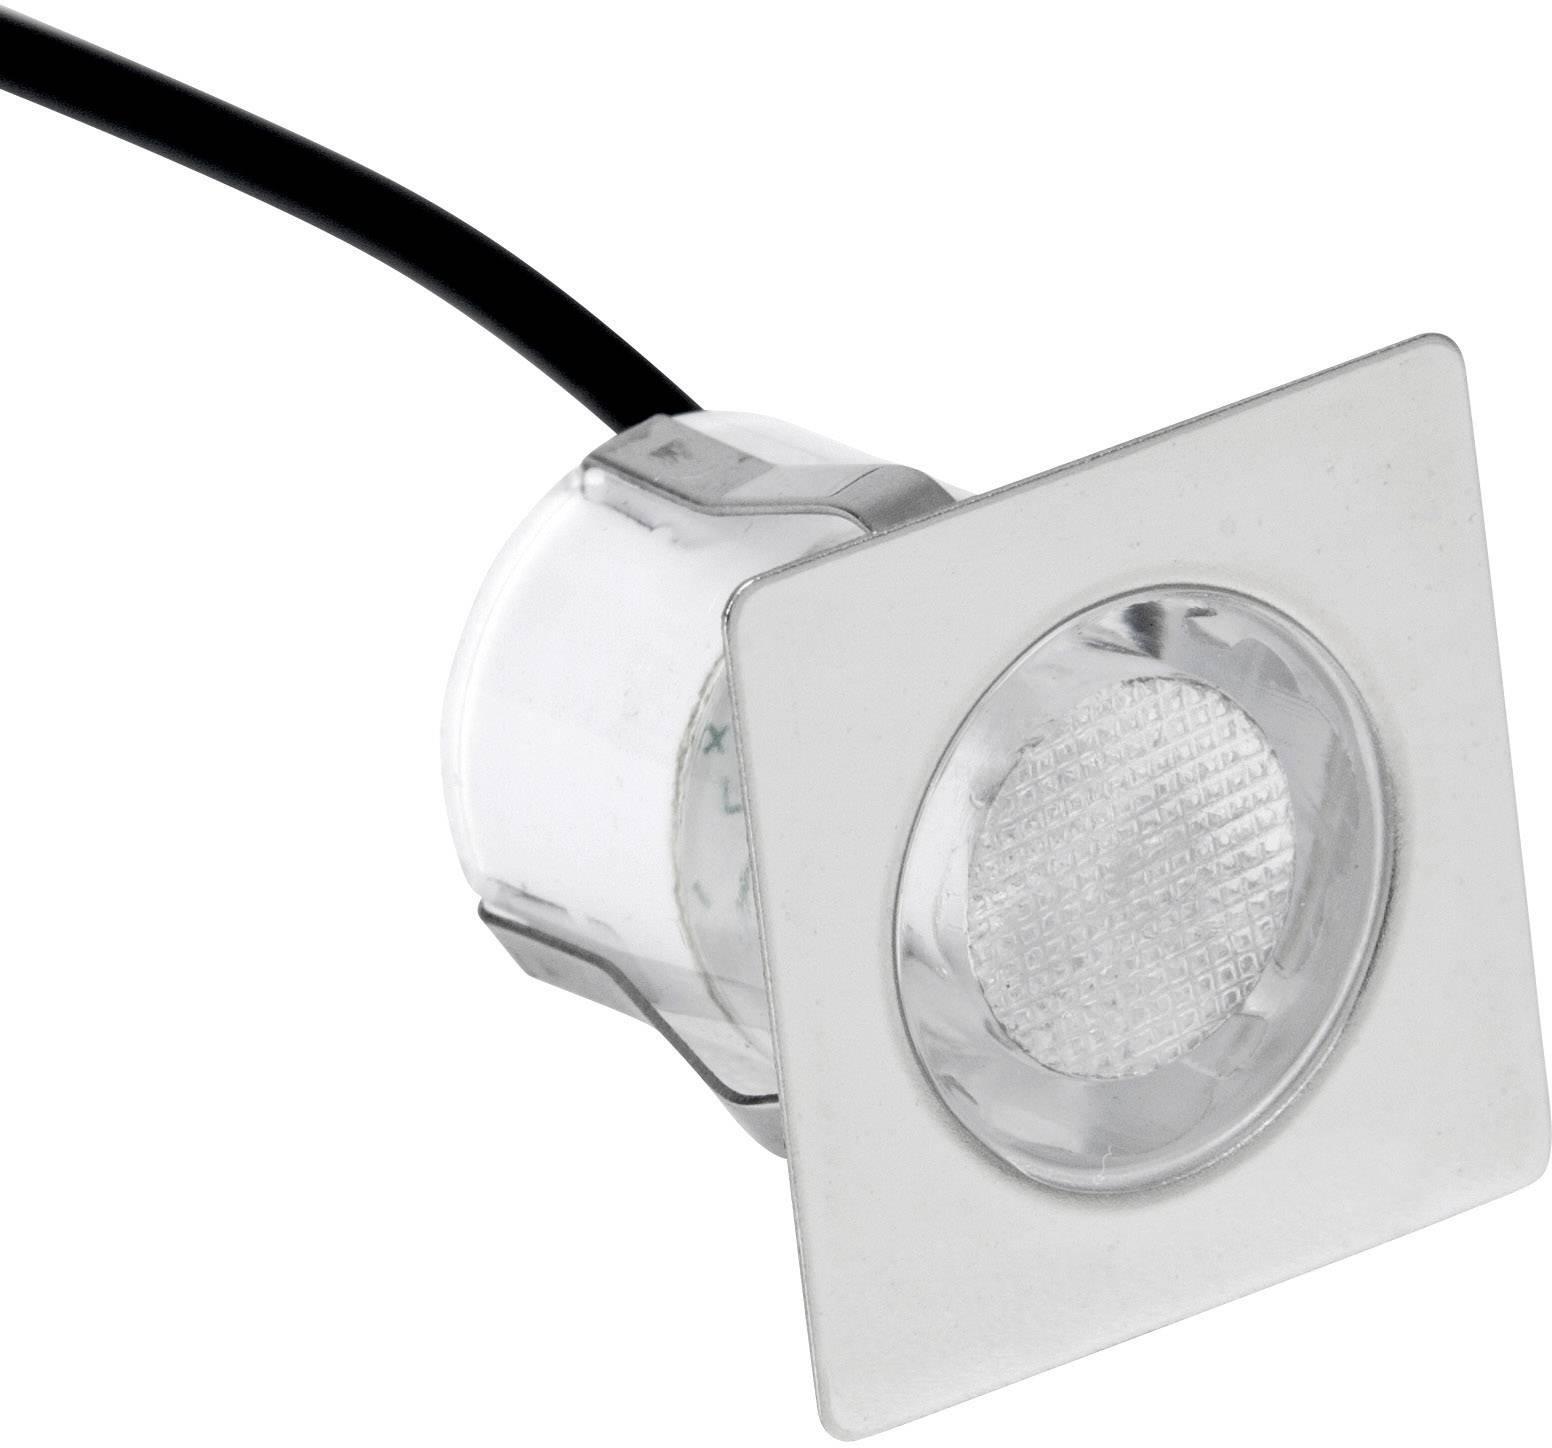 LED vstavané svetlo Brilliant Asta 30 G02893/82, 1.5 W, chladná biela, sada 10 ks, nerezová oceľ